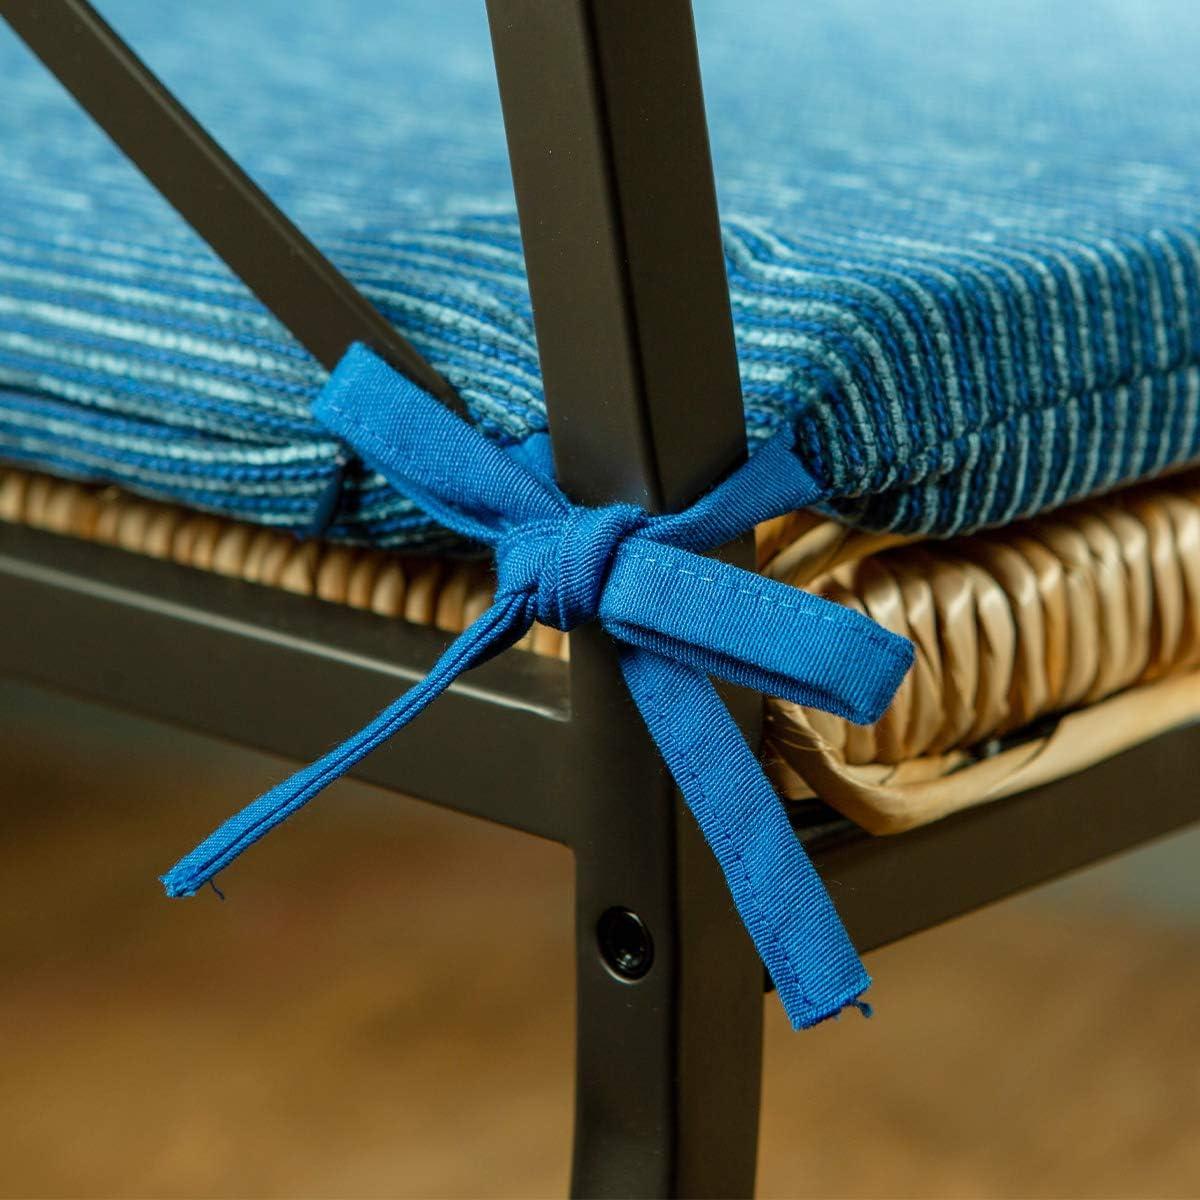 Giardino BCASE Patio Fodera in Polyster Etc Pack 6 Cuscini per Sedia e Sedile Terrazza Arancione Resistente Camera Facile da Pulire Soggiorno Imbottitura in Fibra 38x38cm per Cucina